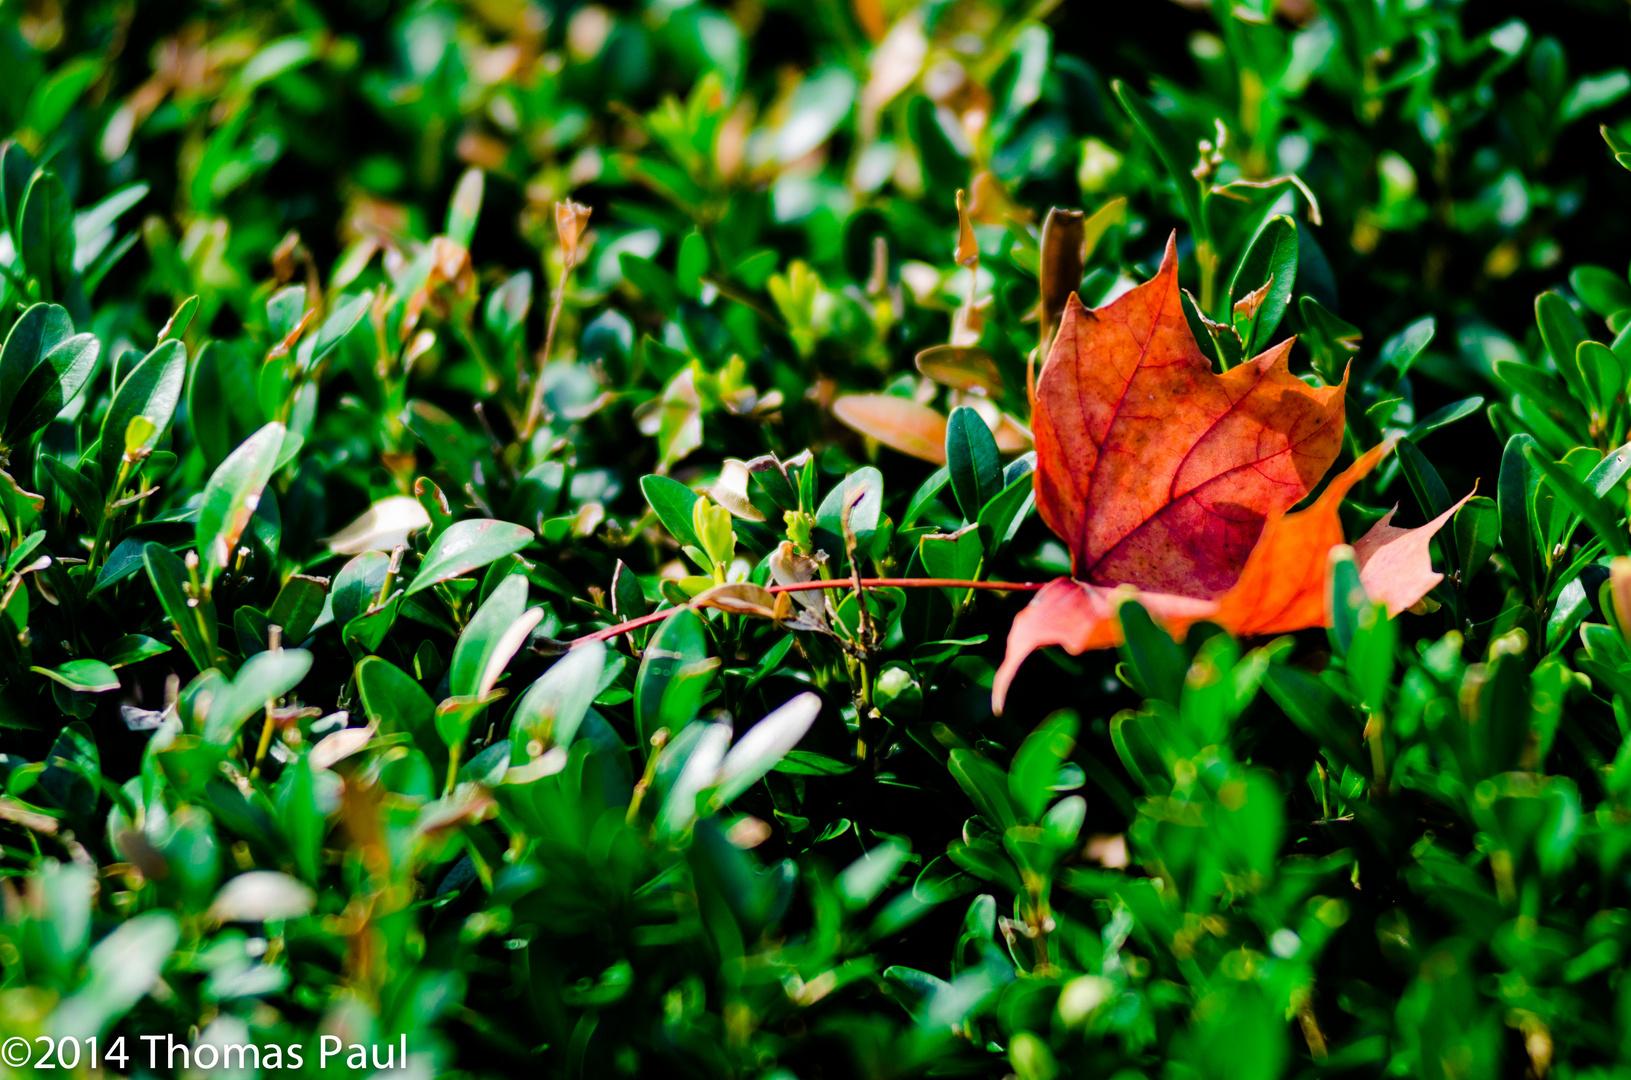 Herbstlaub auf Hecke